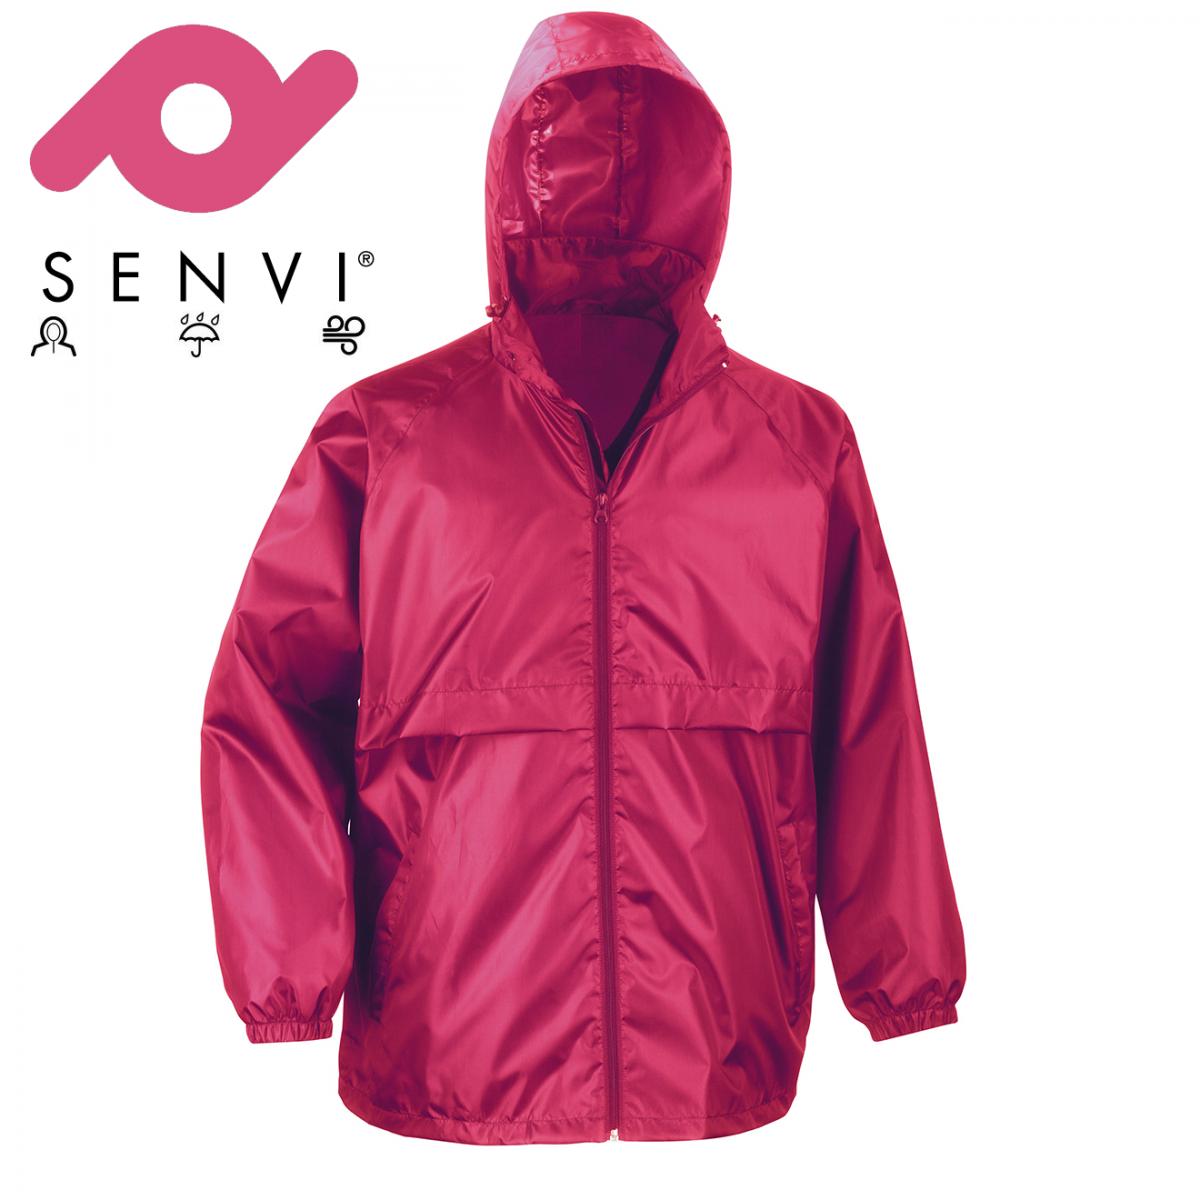 Senvi Basic Regenjas - Windjack Kleur: Roze - Maat L (Zeer licht van gewicht)